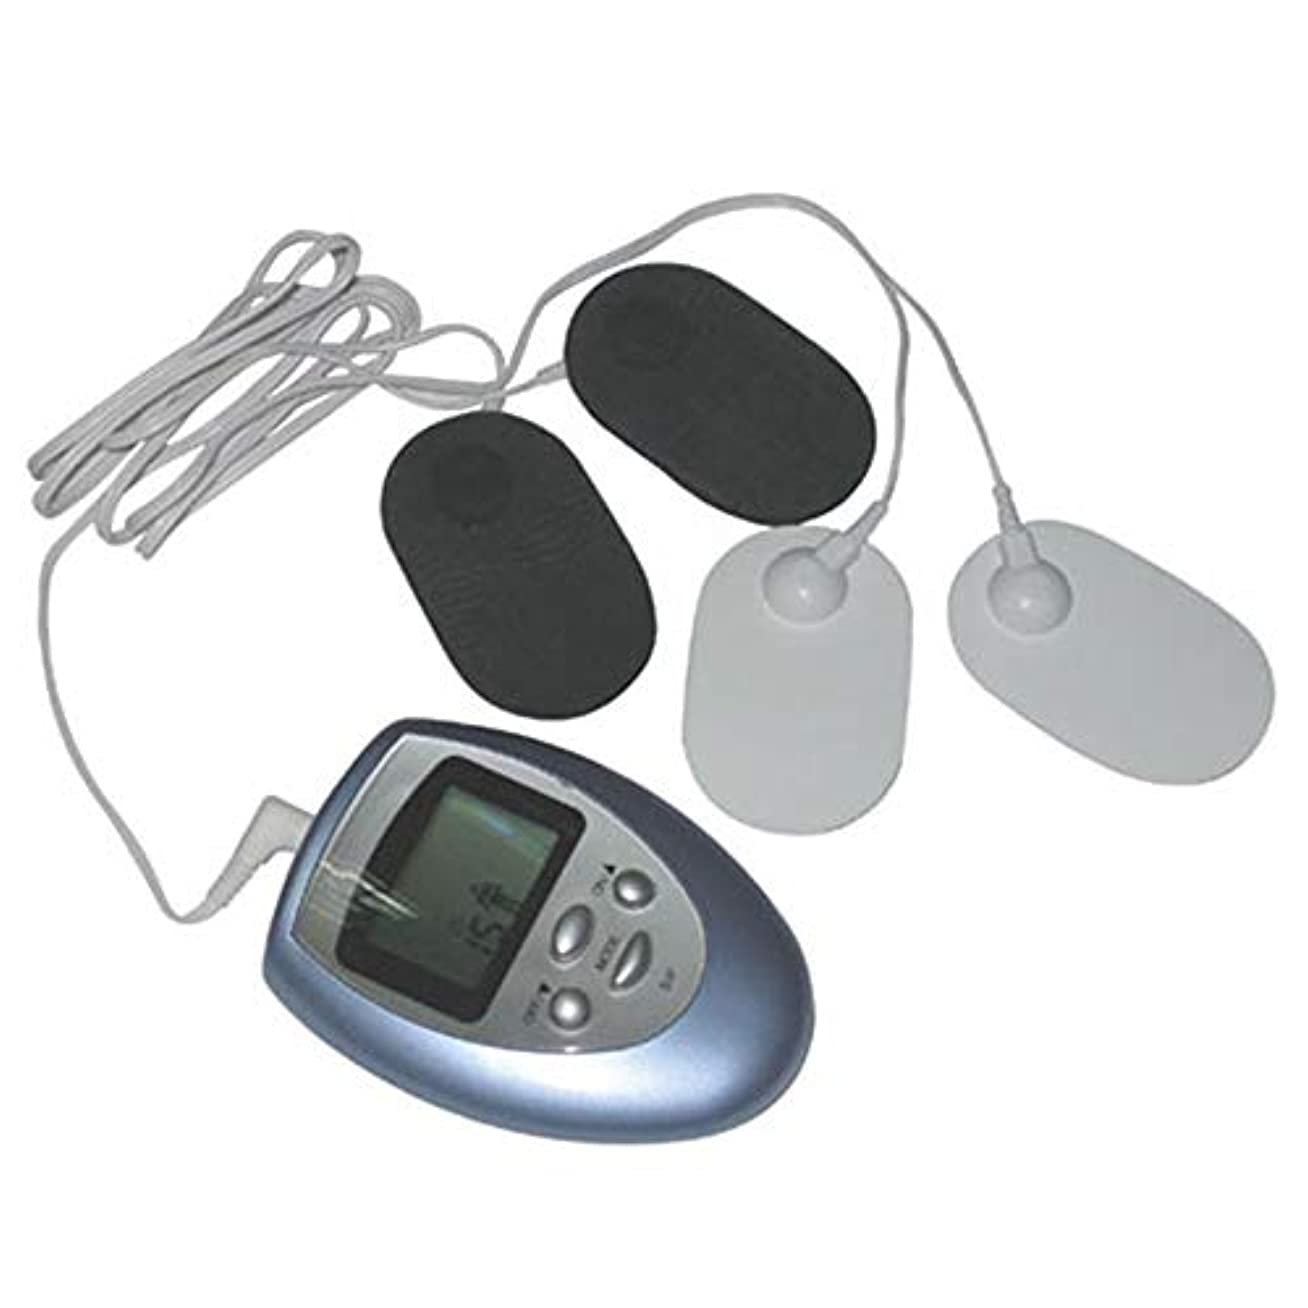 選出するモバイル課税ポータブル電気刺激装置、パルスマッサージャーマッスルスティミュレーター4個のパッドを備えたユニット8個の痛みを軽減するためのモードブルー